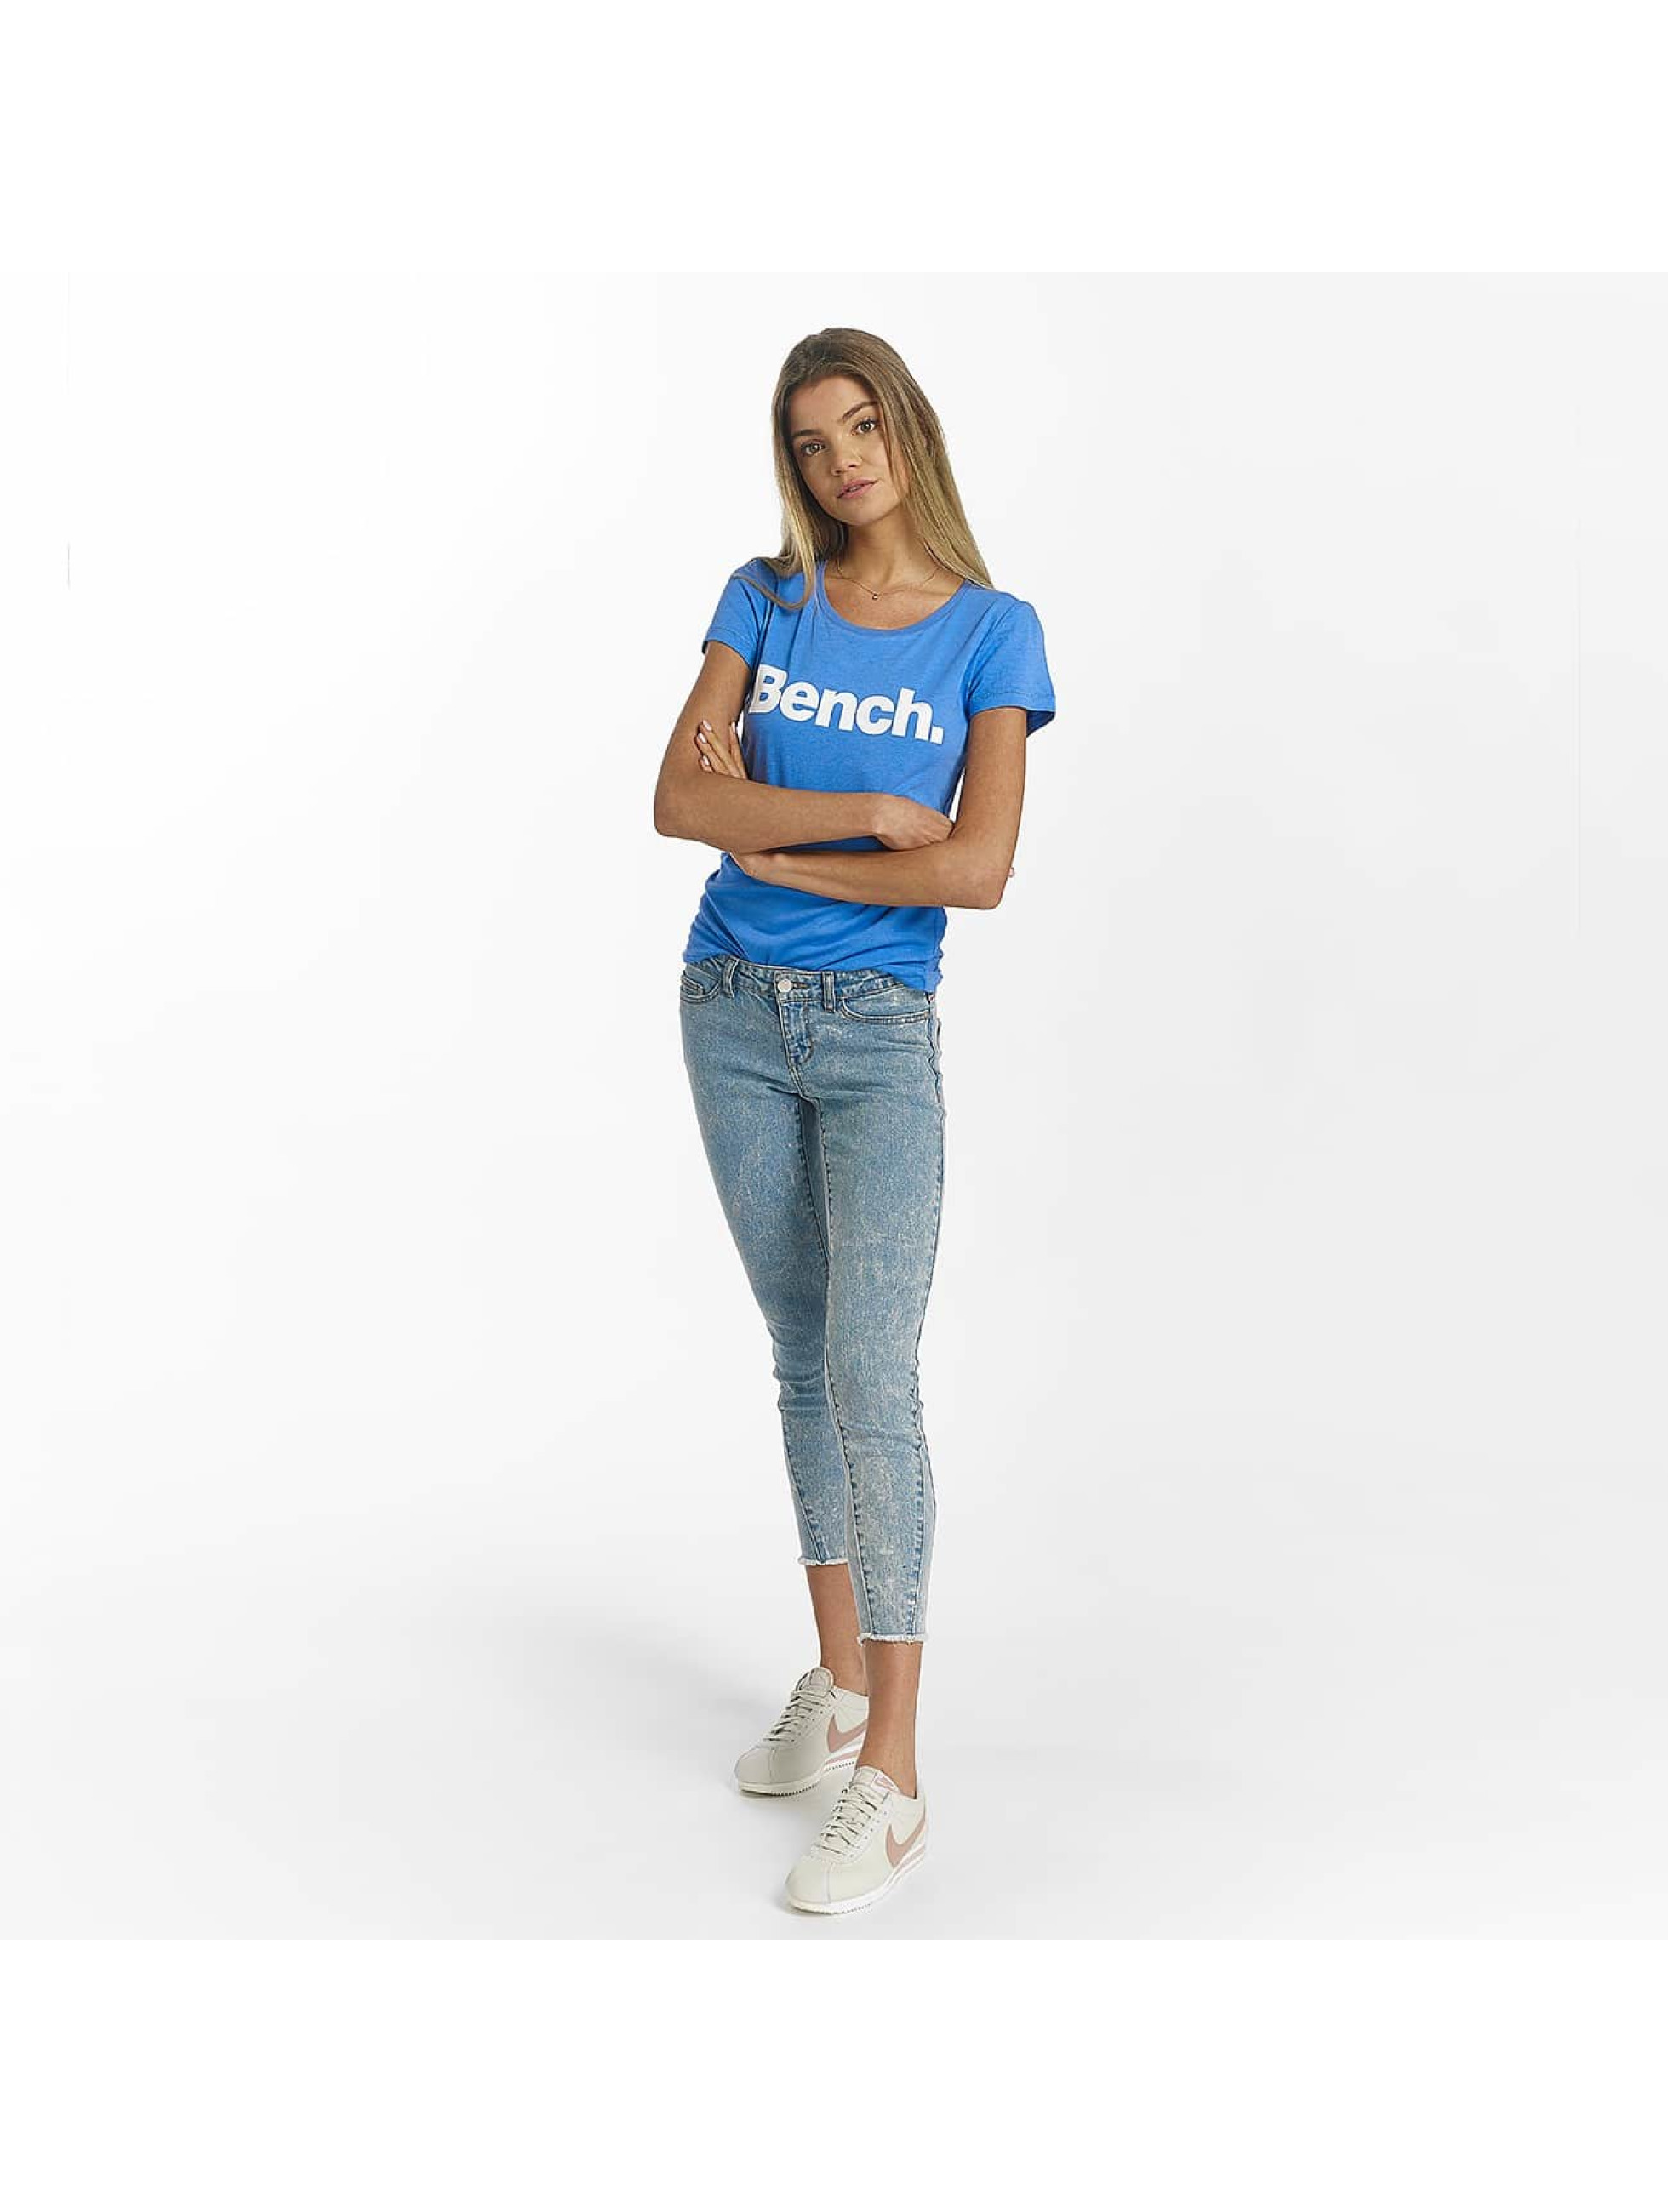 Bench Футболка Slim Logo синий